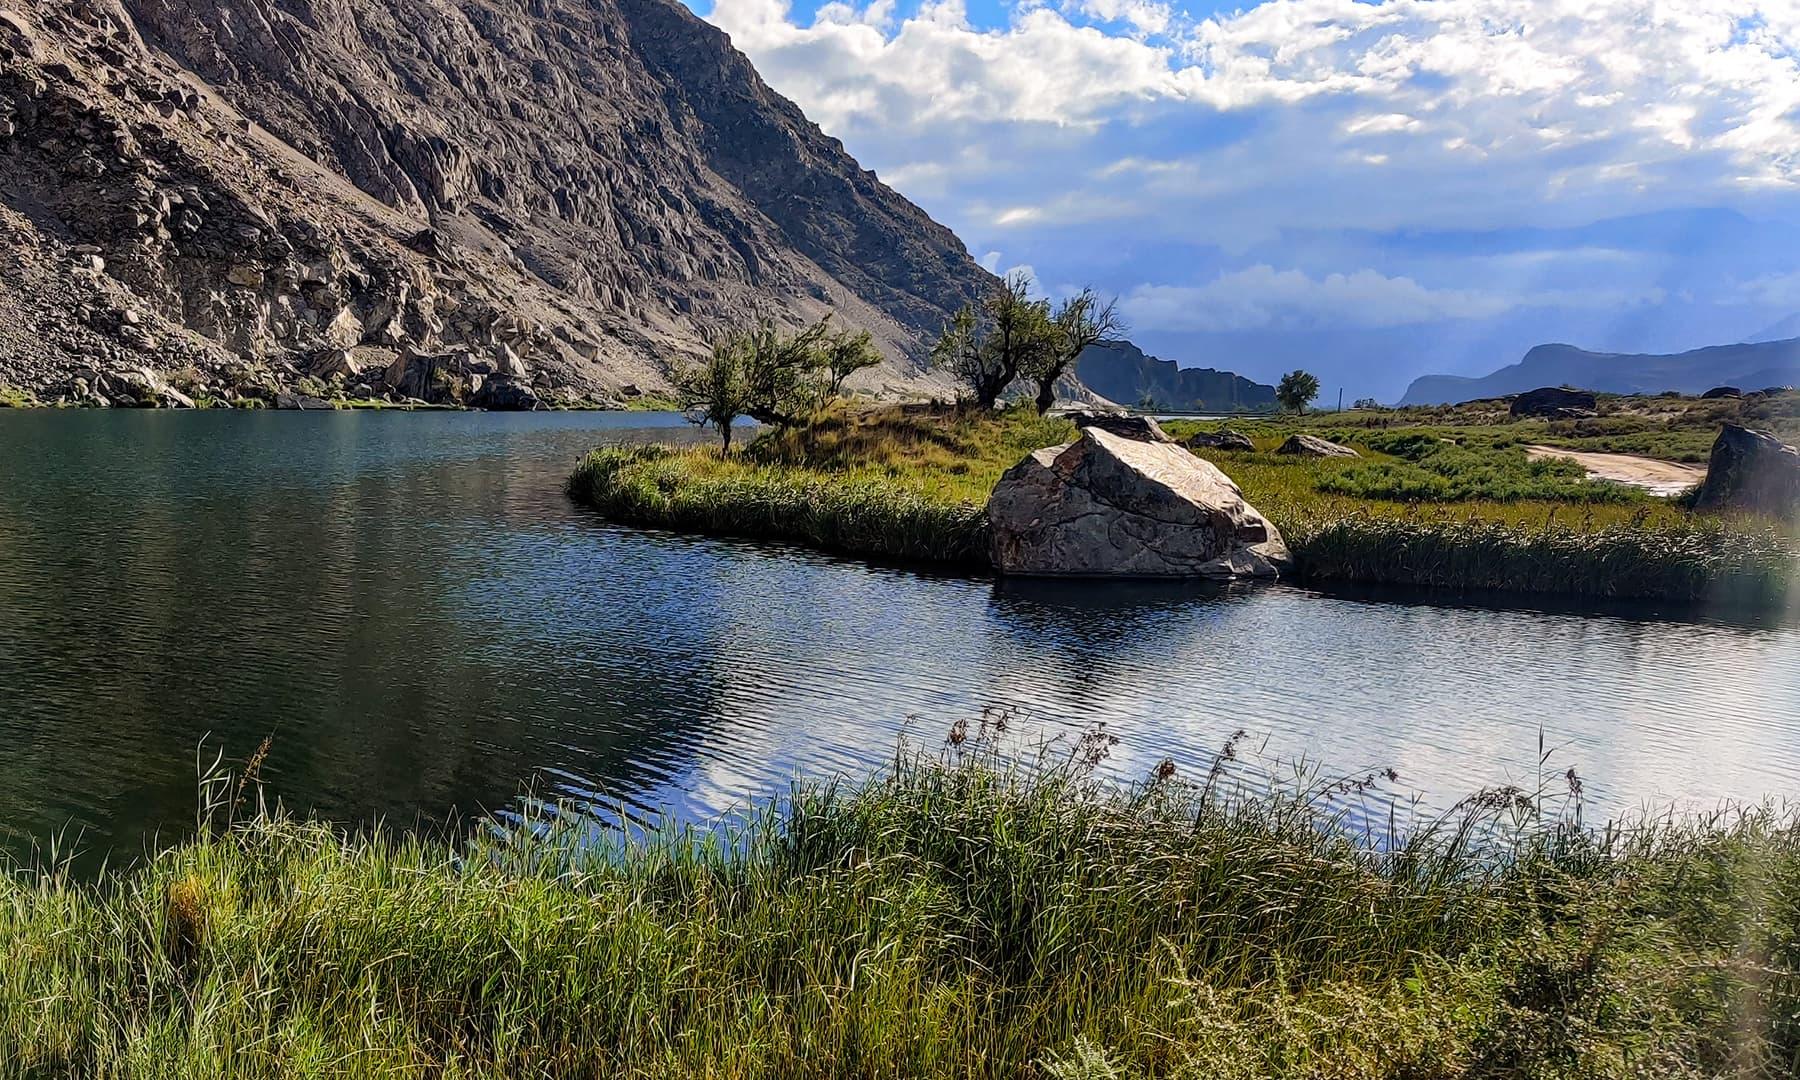 موسمِ گرما میں جھیل کا ایک نظارہ